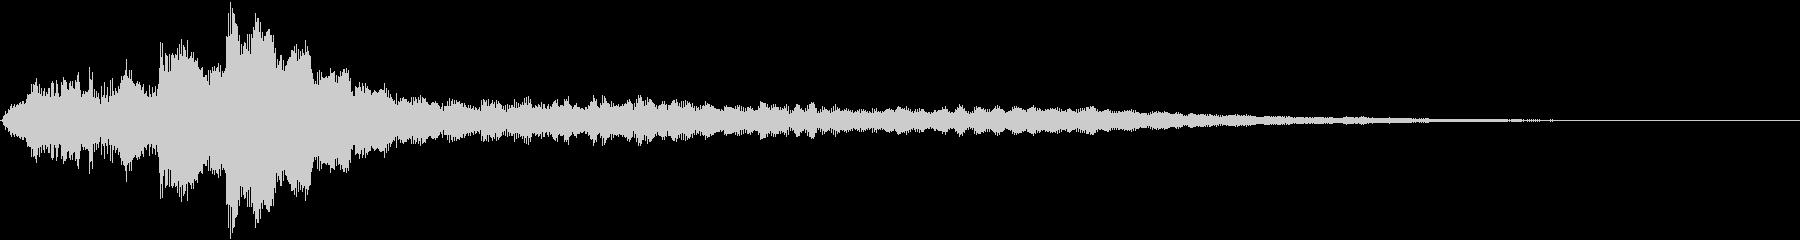 ローファイ・ドキュメンタル風ピアノdの未再生の波形